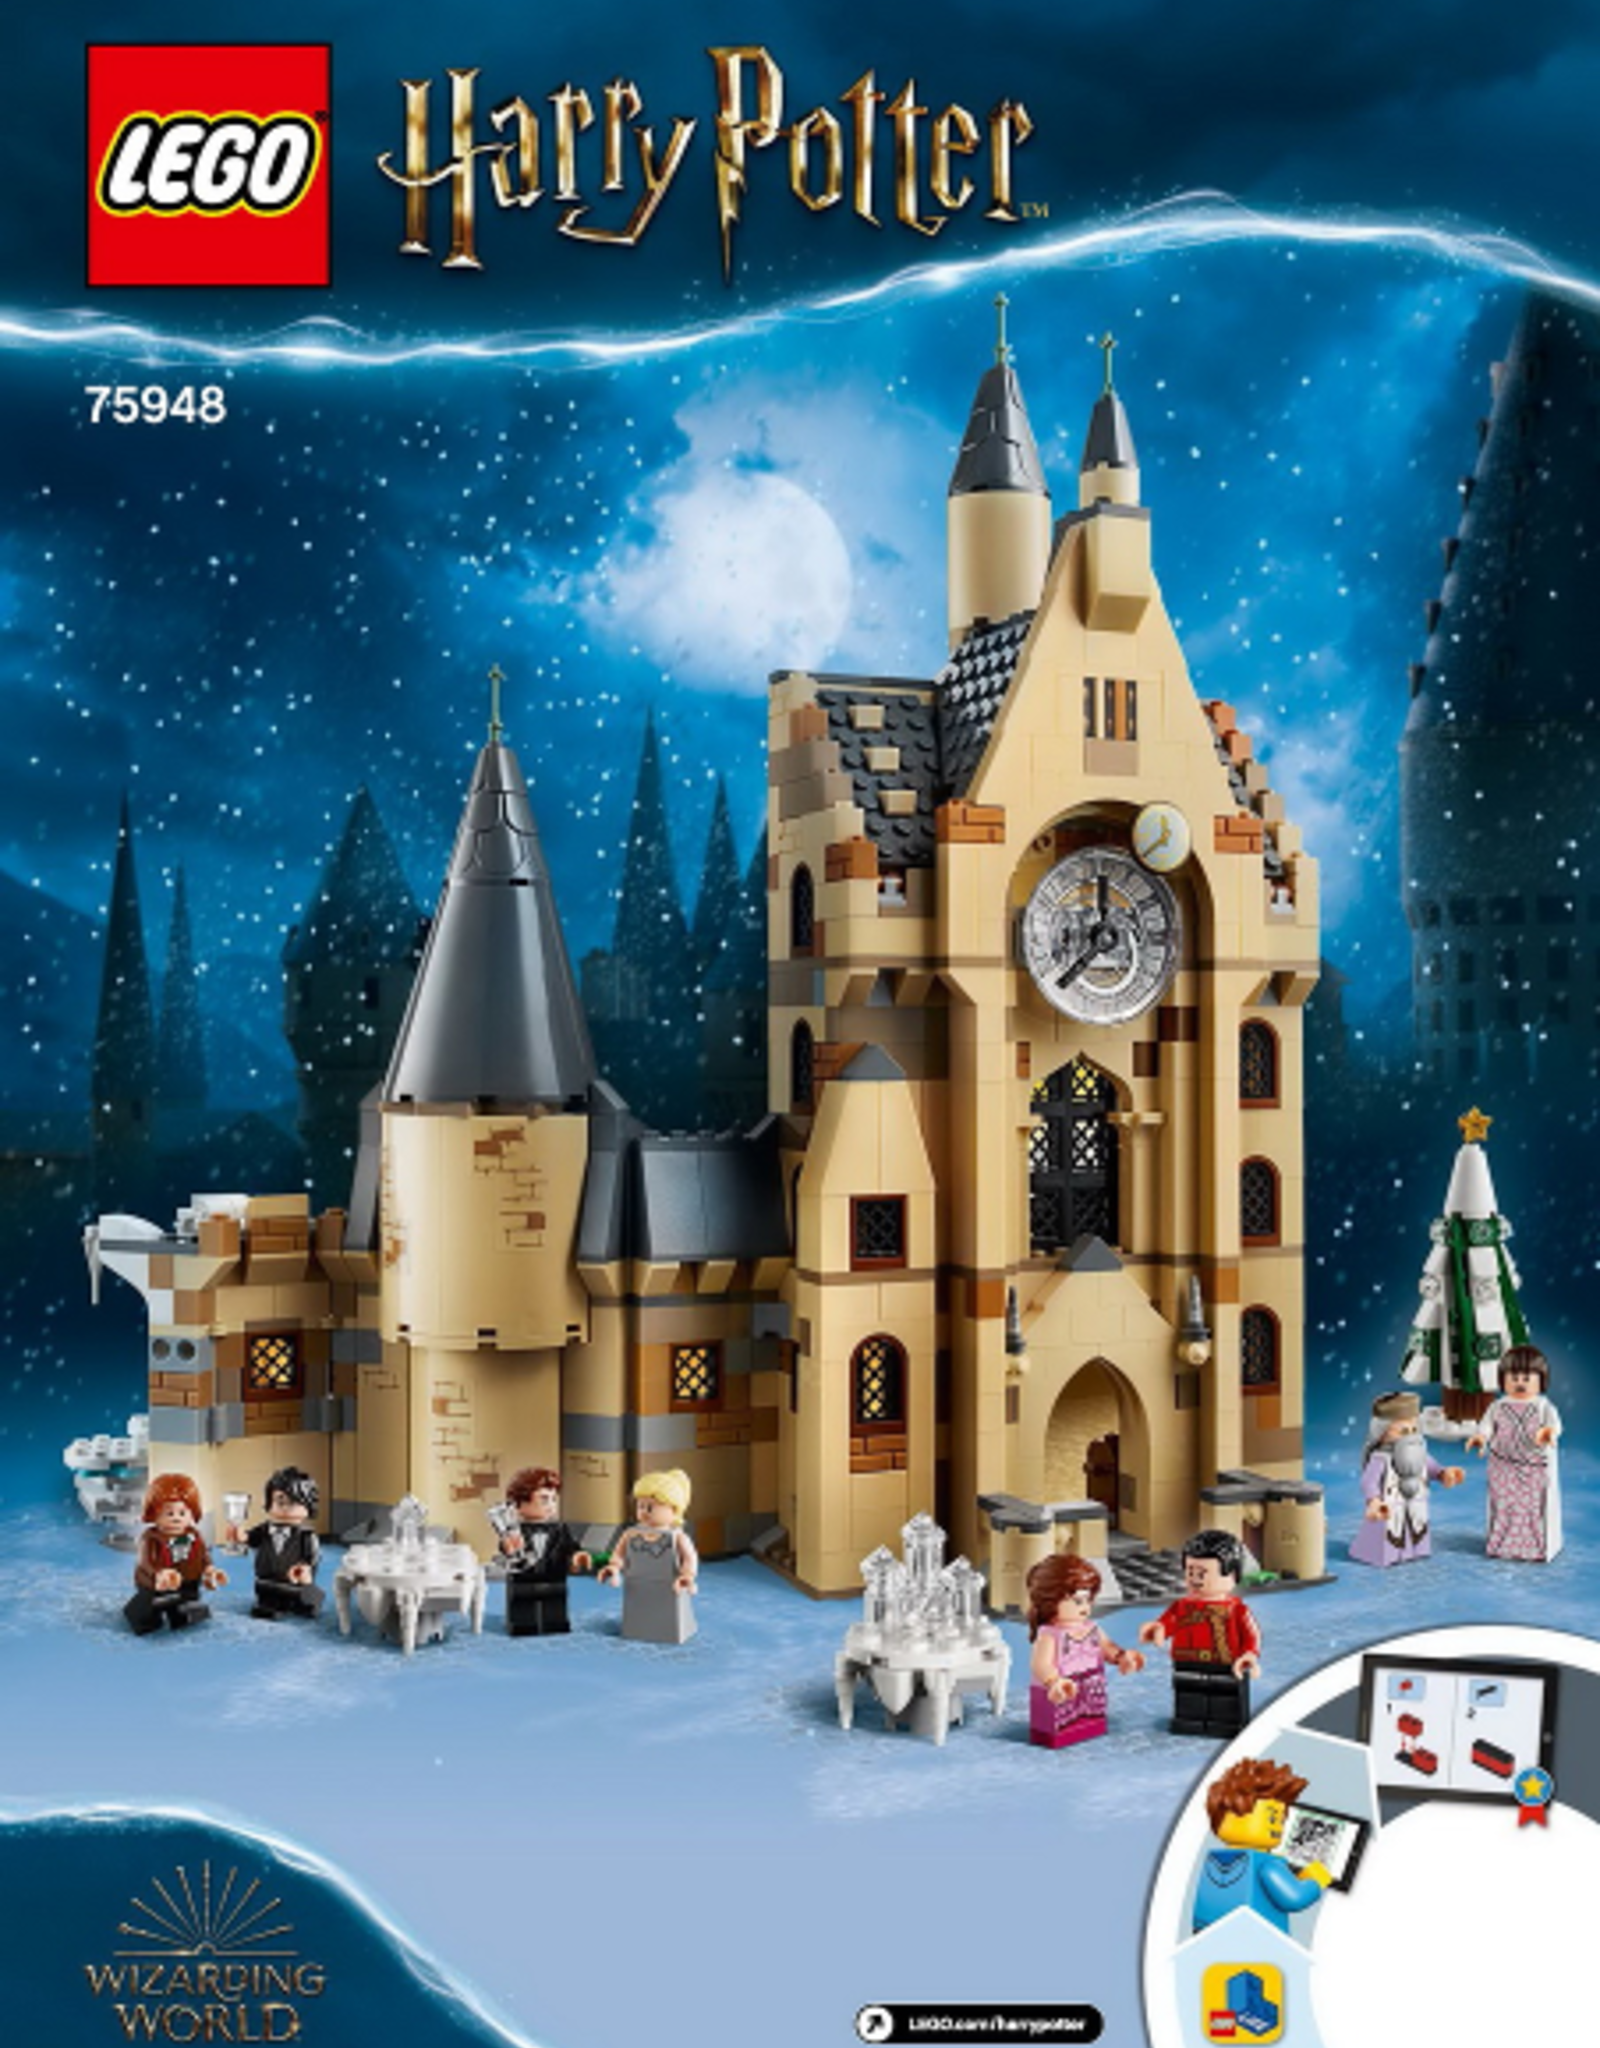 LEGO LEGO 75948 Hogwarts Clock Tower HARRY POTTER